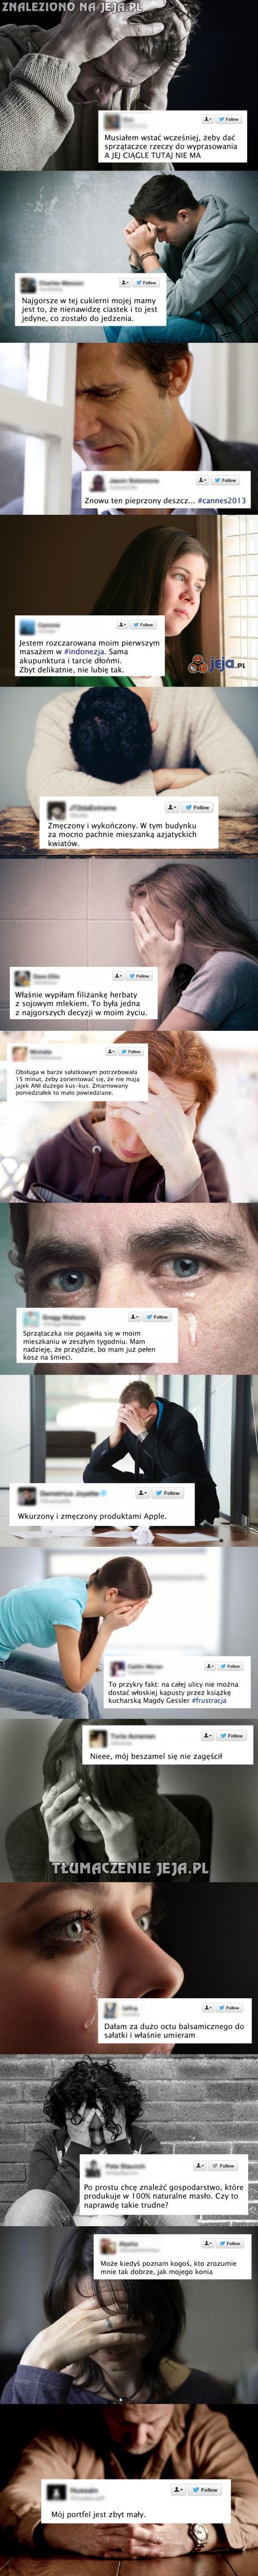 Problemy pierwszego świata na Twitterze